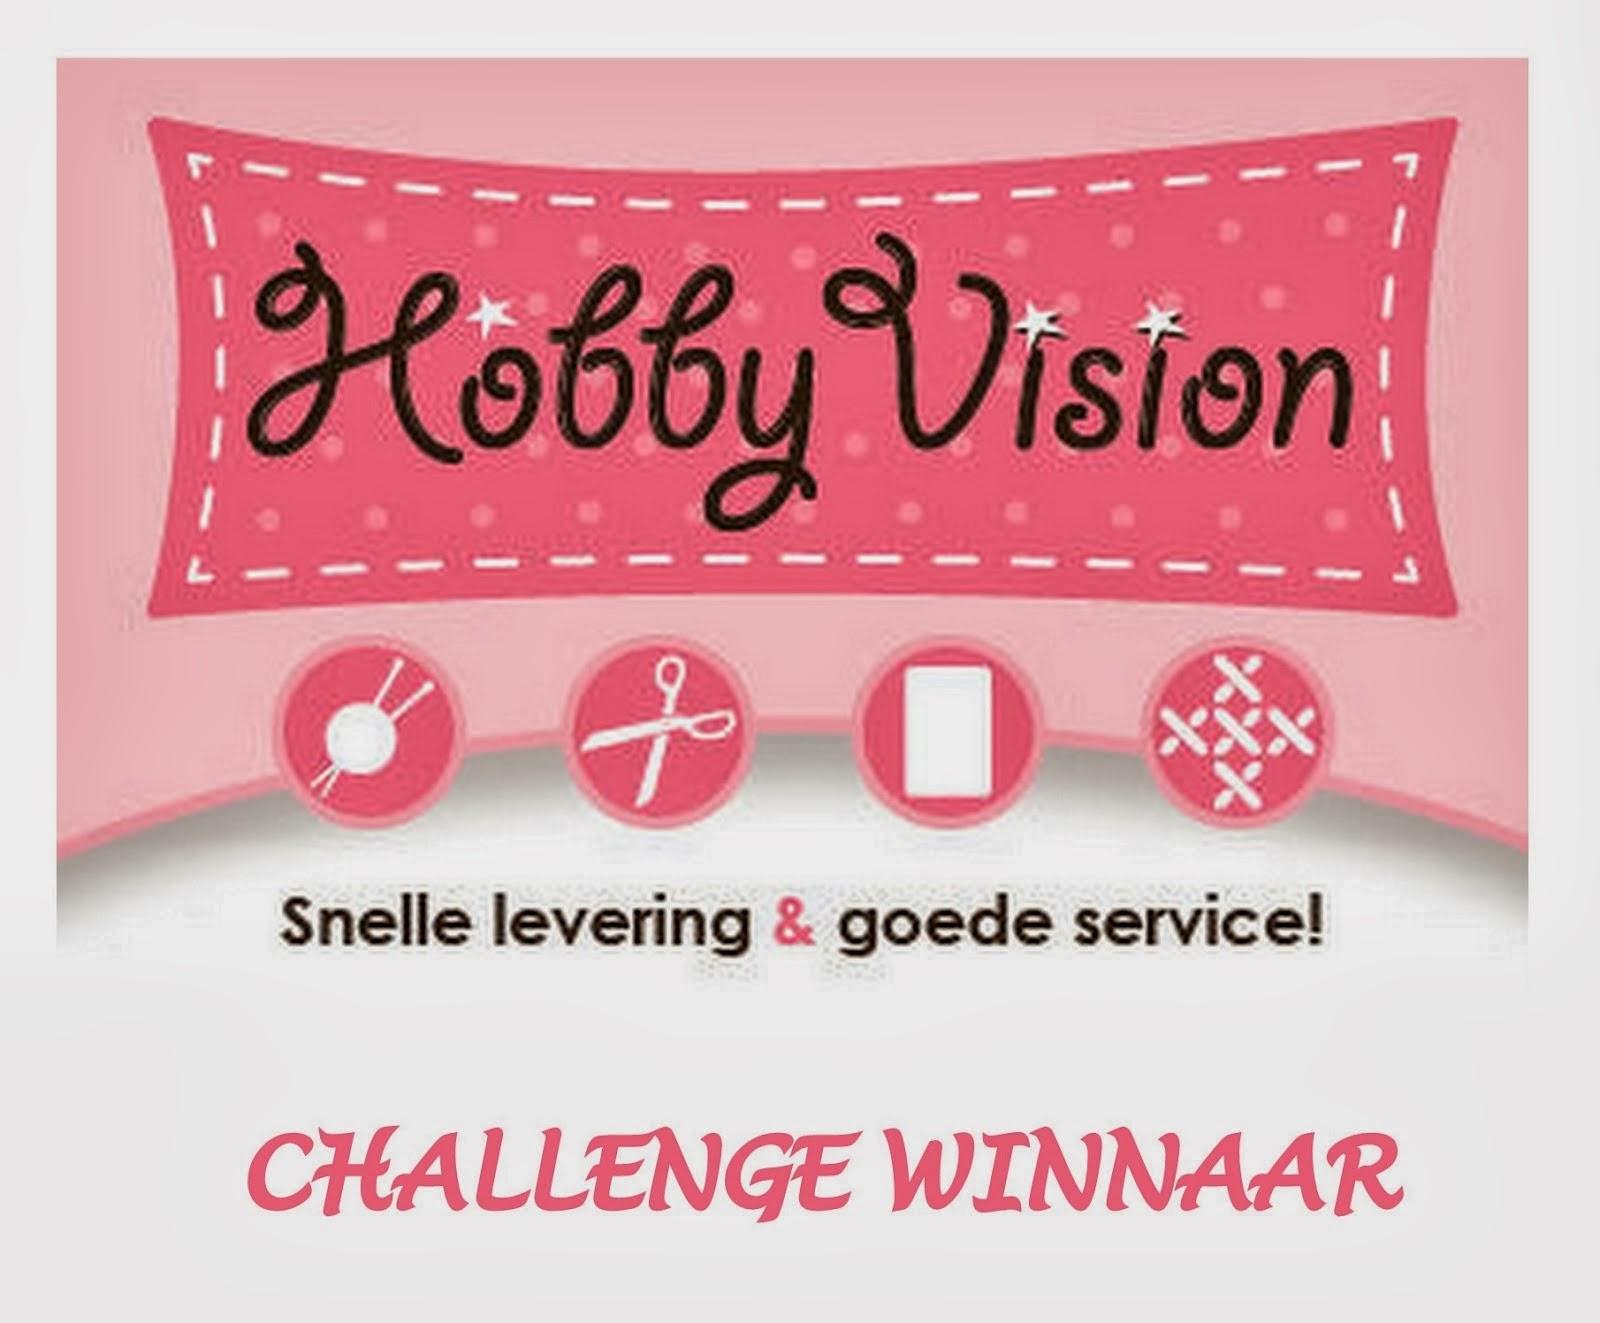 hobbyvision design